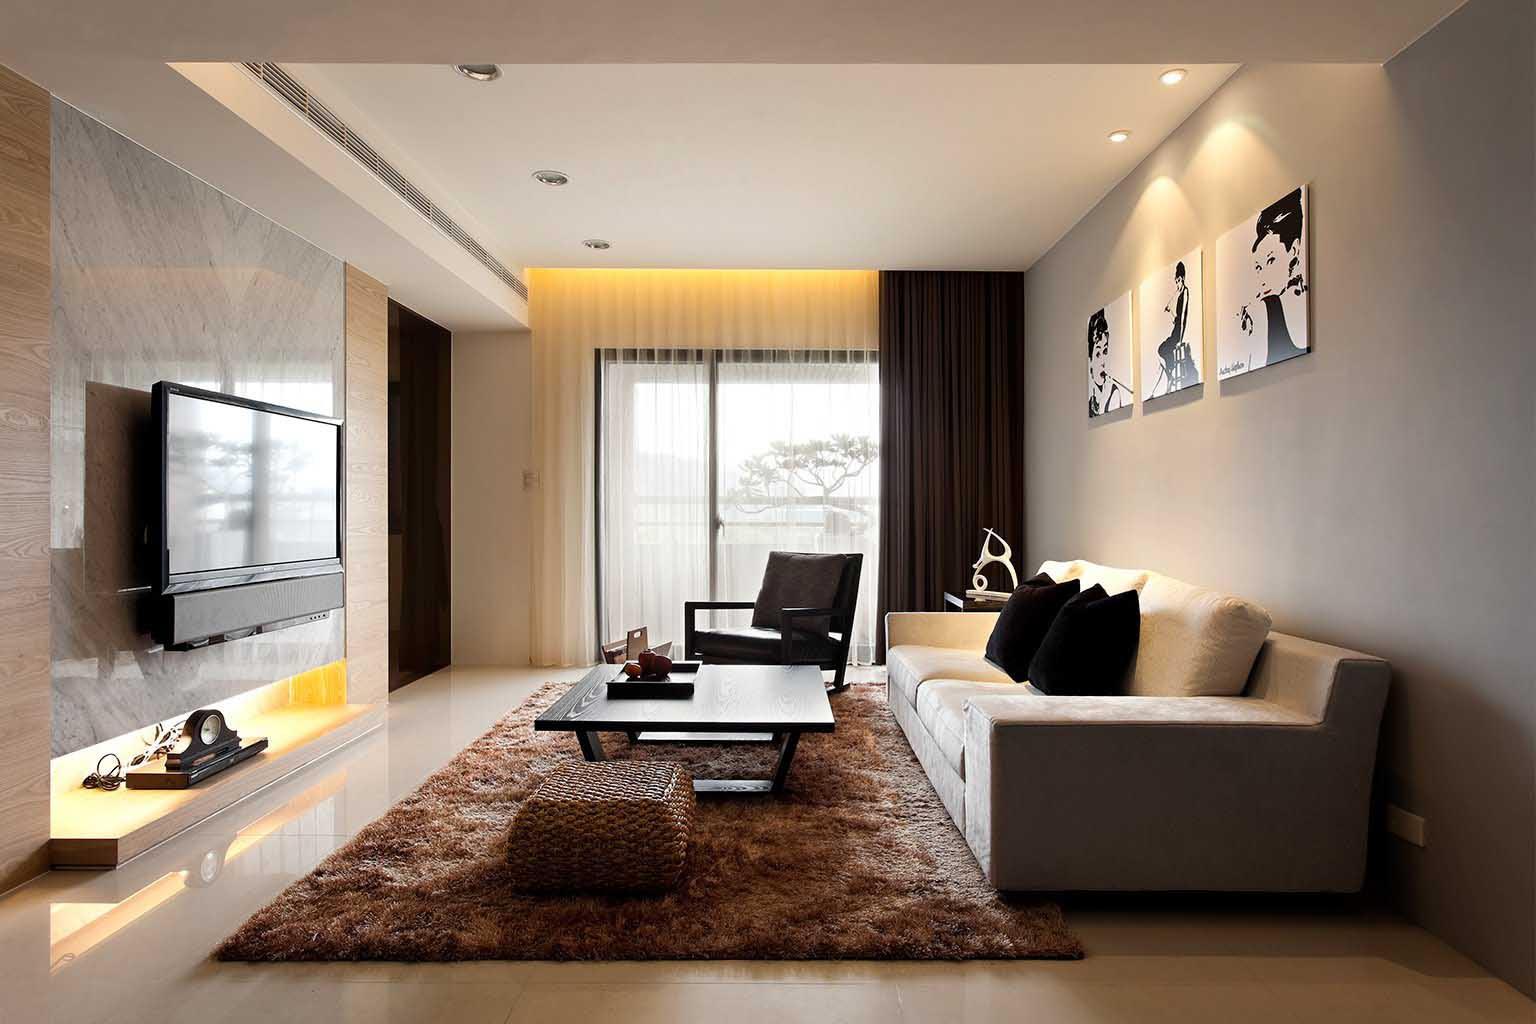 Desain Ruang Keluarga Minimalis Keren Desain Rumah Minimalis